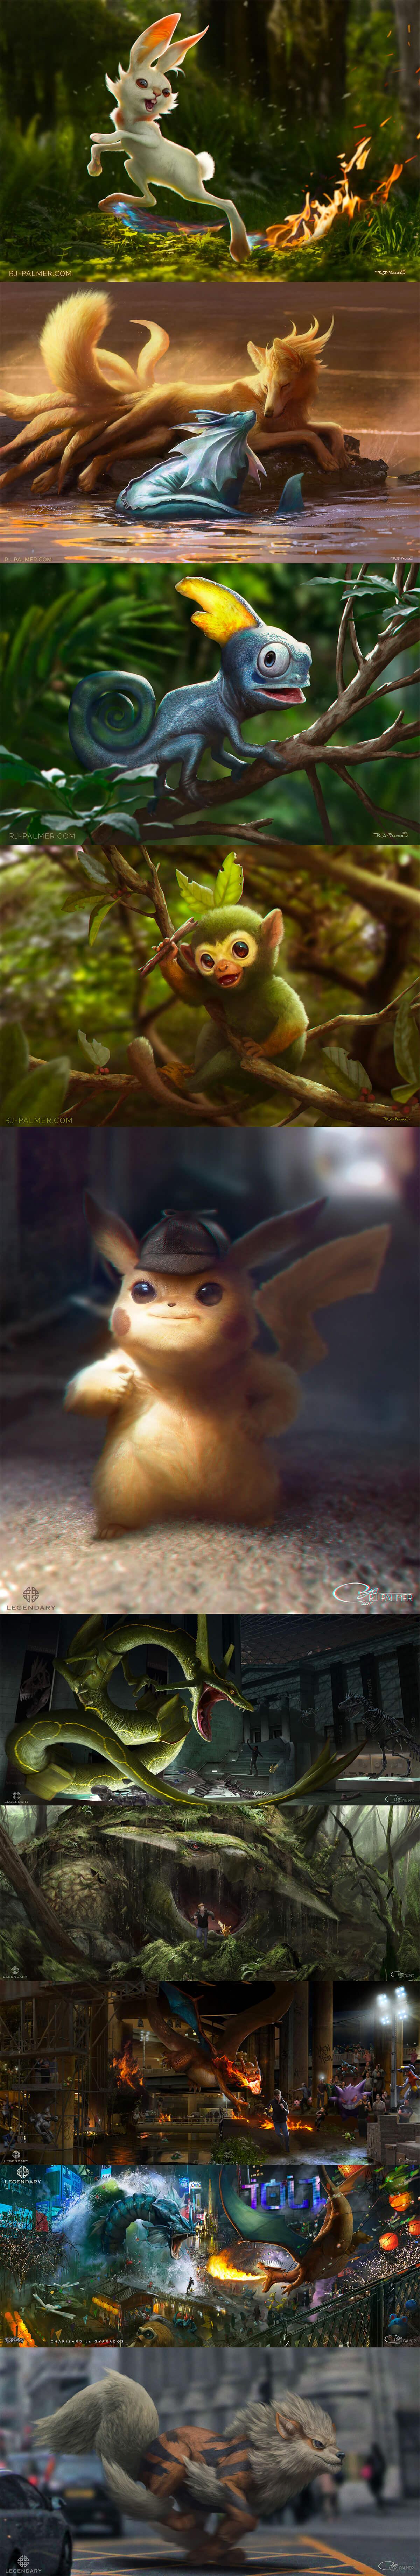 Pokemon by RJ Palmer